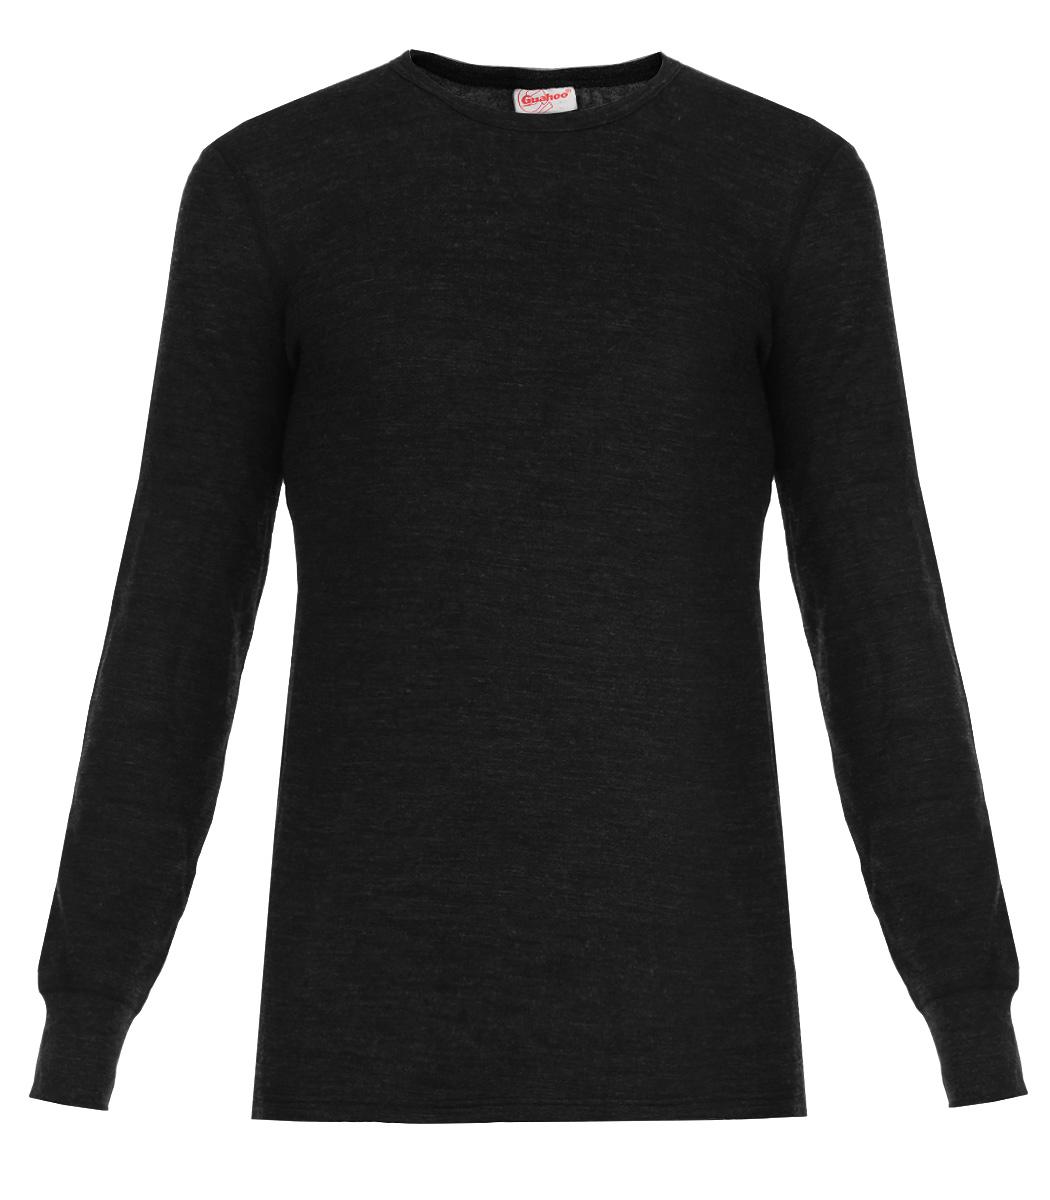 Термобелье футболка с длинным рукавом мужская Guahoo Everyday, цвет: черный. 21-0460-S. Размер L (52)21-0460-SДвухслойная мужская футболка с длинным рукавом Guahoo Everyday подходит для повседневной носки в холодную погоду. Идеальное сочетание различных видов пряжи с добавлением натуральной шерсти во внешнем слое, а также специальное плетение обеспечивают эффективное сохранение тепла. Внутренний слой полотна - из мягкой акриловой пряжи, которая по своим теплосберегающим свойствам не уступает шерсти. Начес на внутренней стороне полотна лучше сохраняет тепло за счет дополнительной воздушной прослойки.Футболка с длинными рукавами и круглым вырезом горловины оформлена небольшой нашивкой с названием бренда. Рукава дополнены широкими трикотажными манжетами.Рекомендуемый температурный режим от -20°С до -40°С.